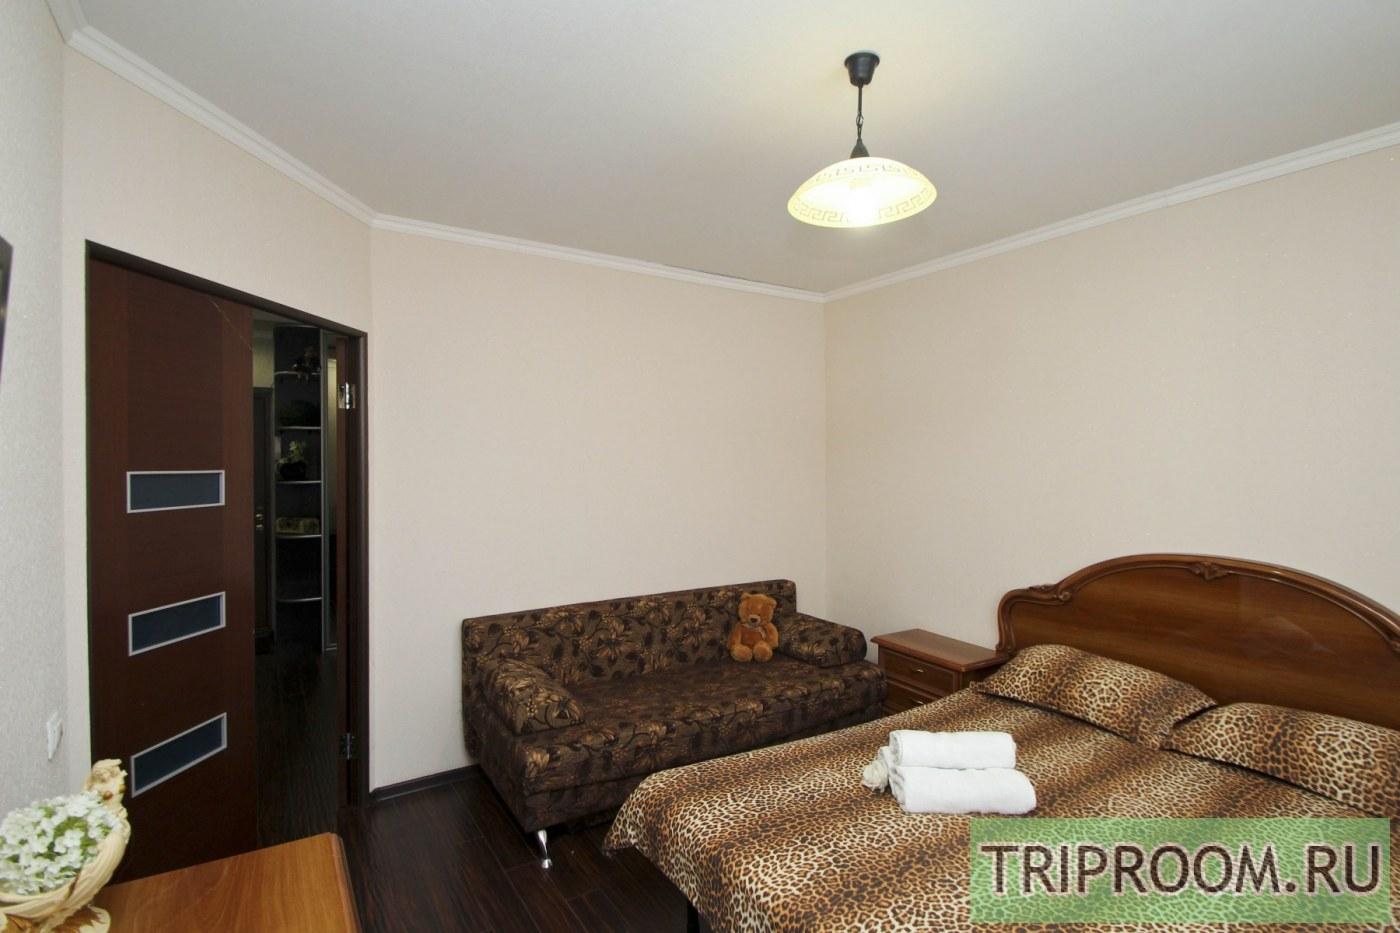 2-комнатная квартира посуточно (вариант № 37513), ул. Университетская улица, фото № 3